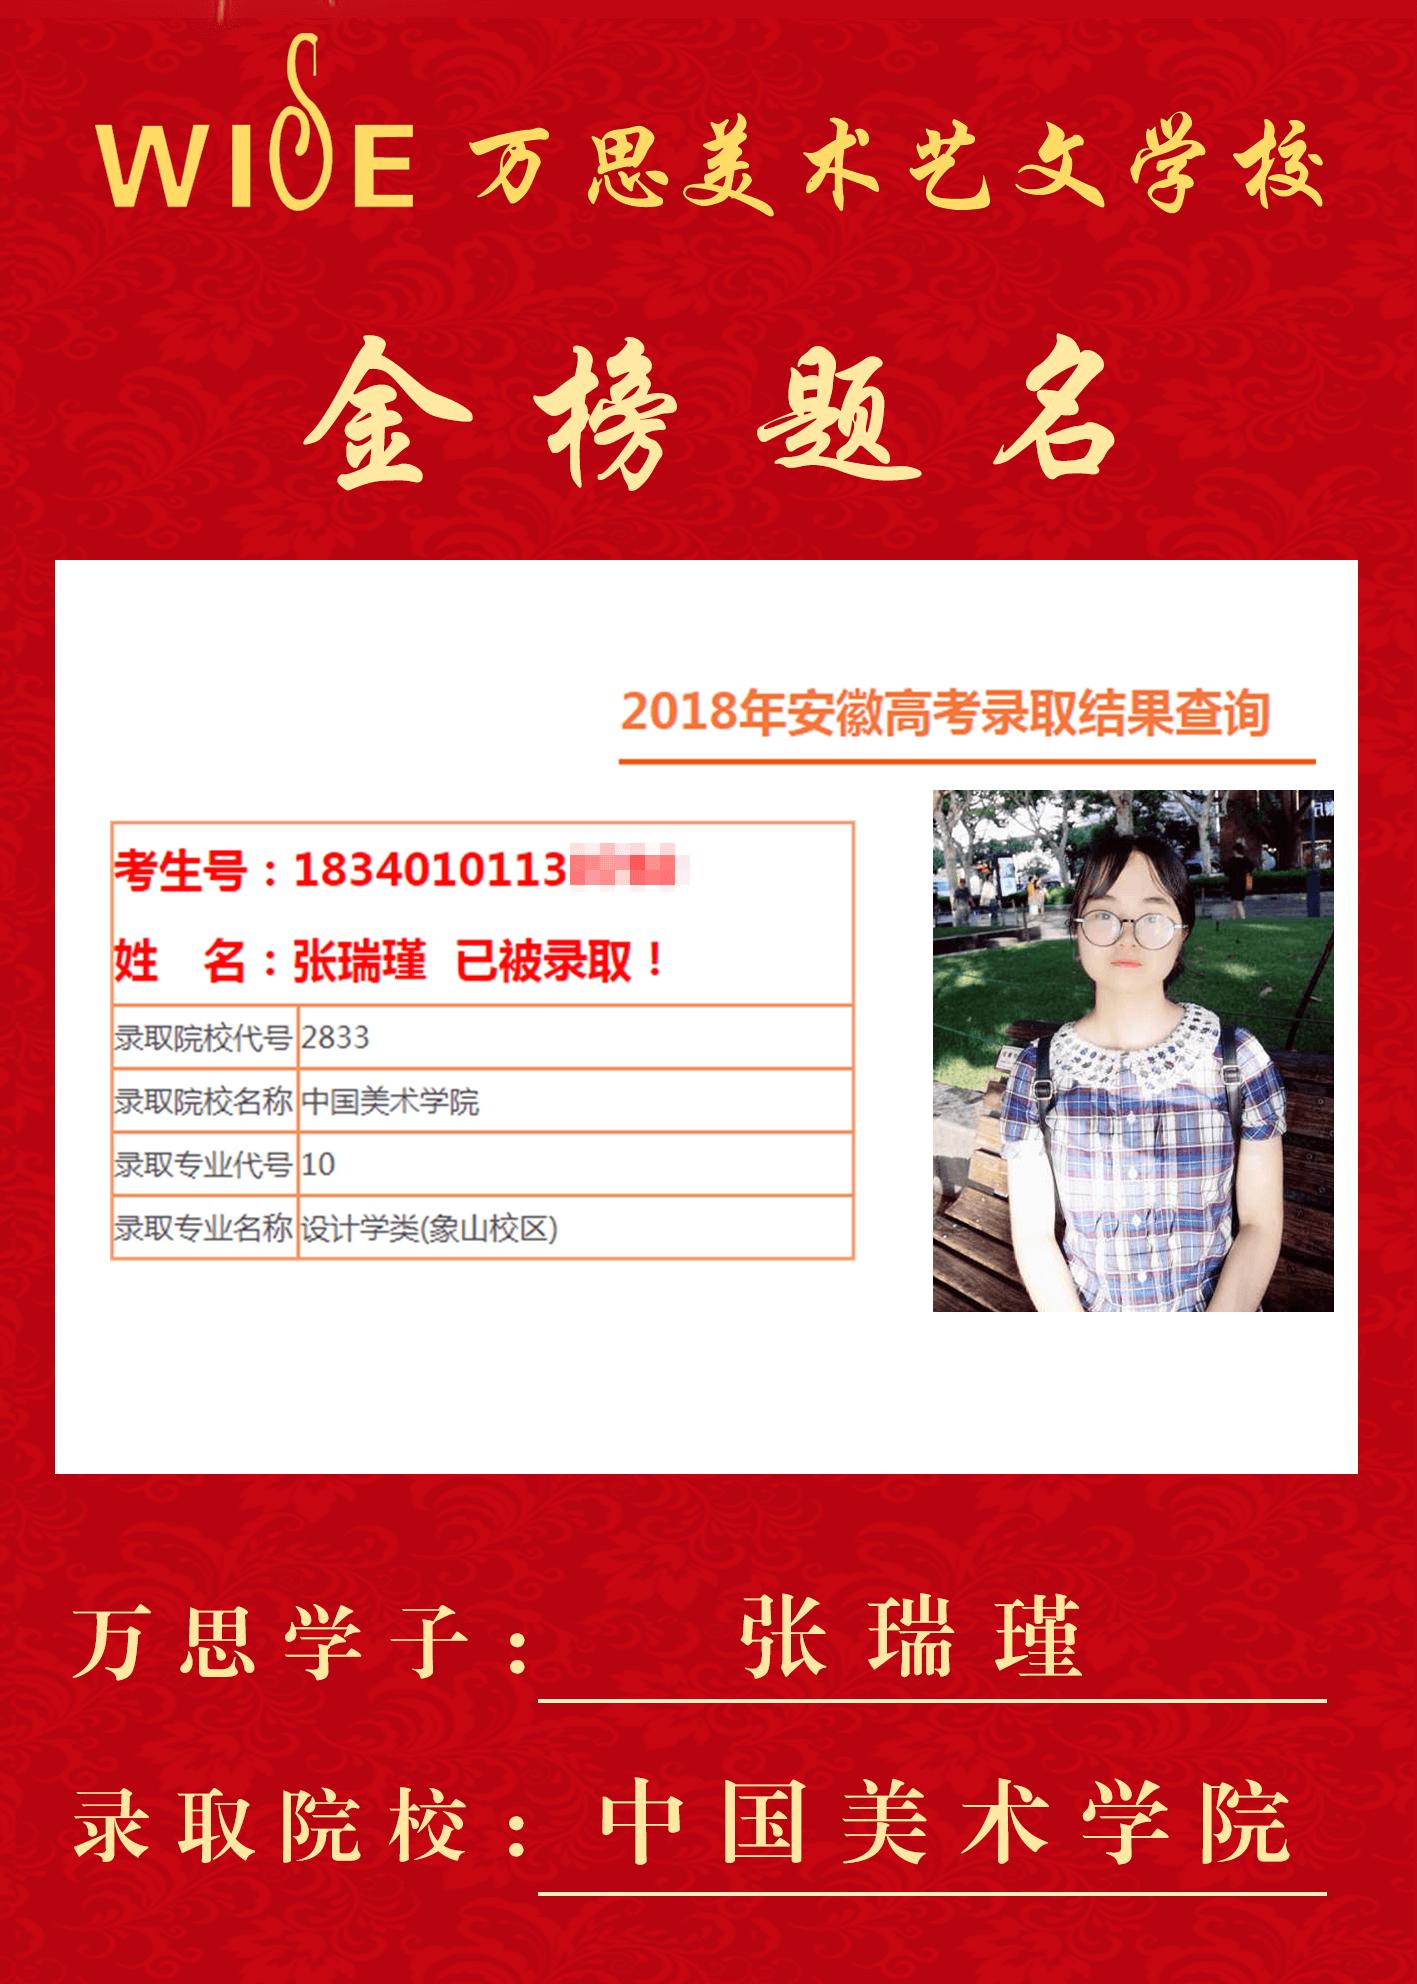 张瑞瑾 中国美术学院.png